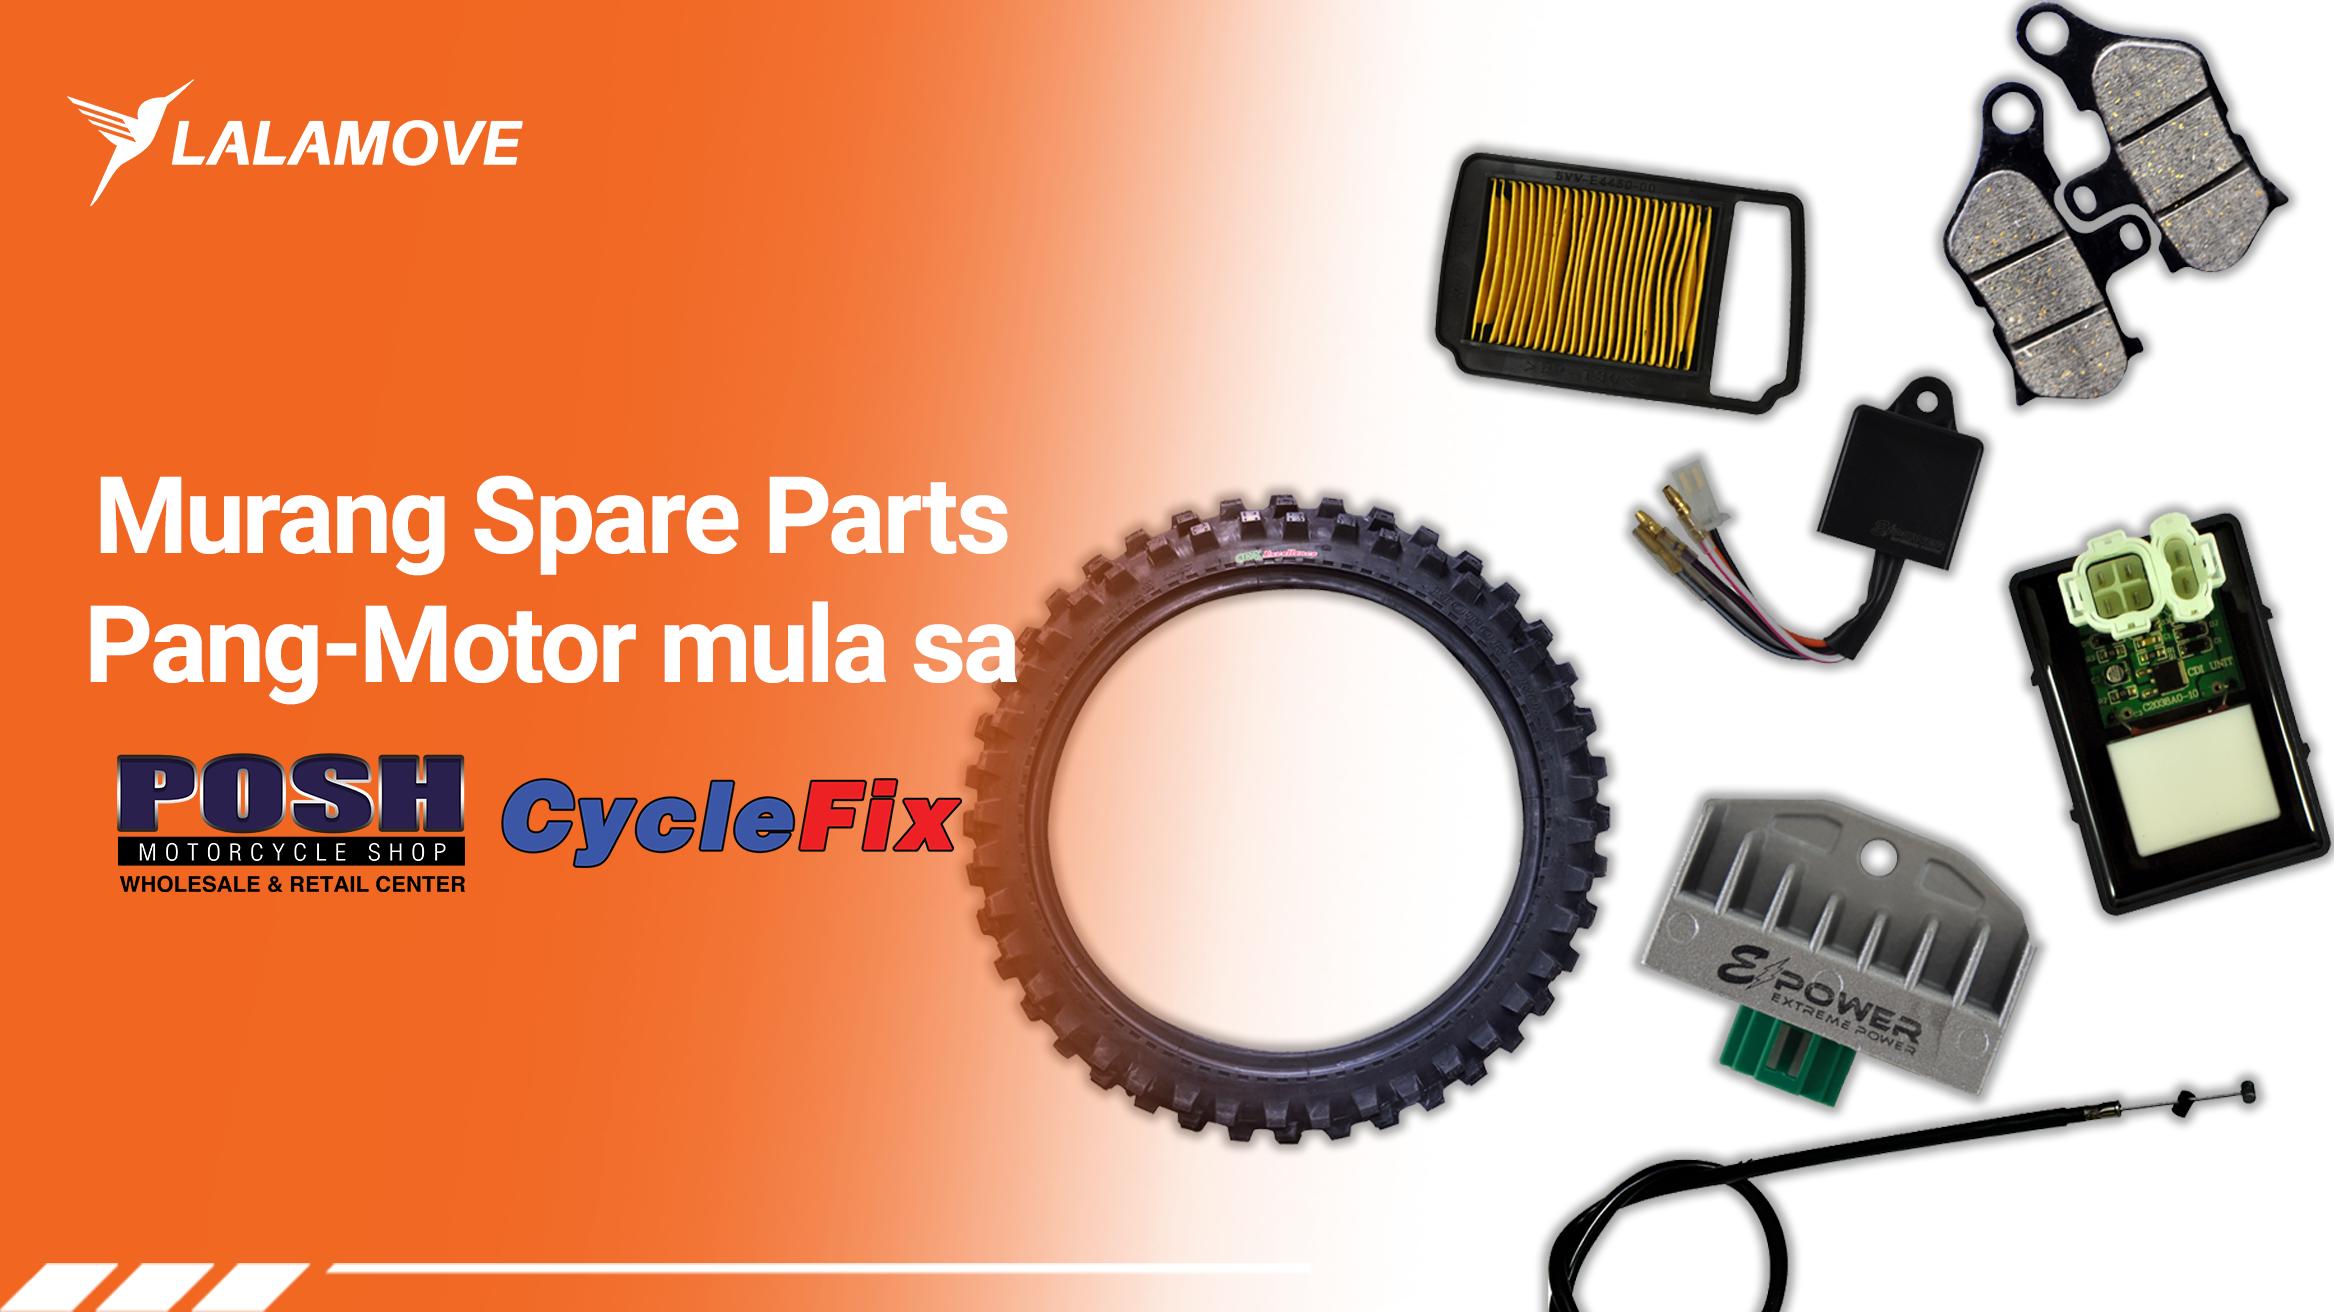 PANALOMOVE: Discount sa motorcycle spare parts mula sa Posh Motorcycle Shop at CycleFix